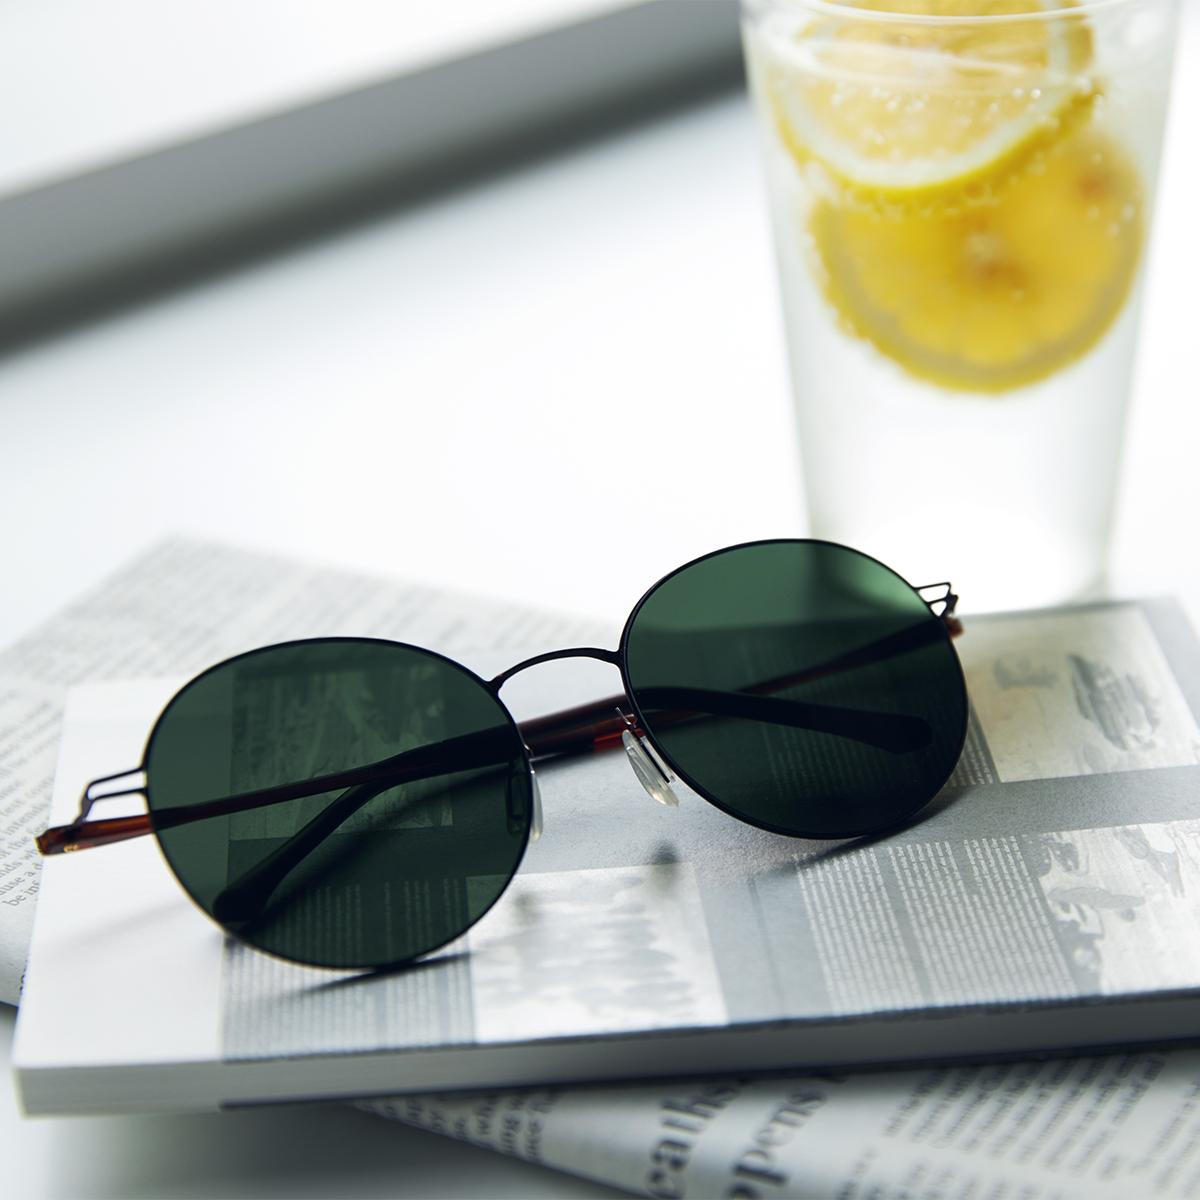 あれ?このサングラス、真下を向いてもズレない!|《ラウンド》新感覚の'ふわっ・ピタッ・ぐにゃ'! 工具を使わず、自分で調整できる「サングラス」|RAWROW - R SUN ULTRA THIN 810